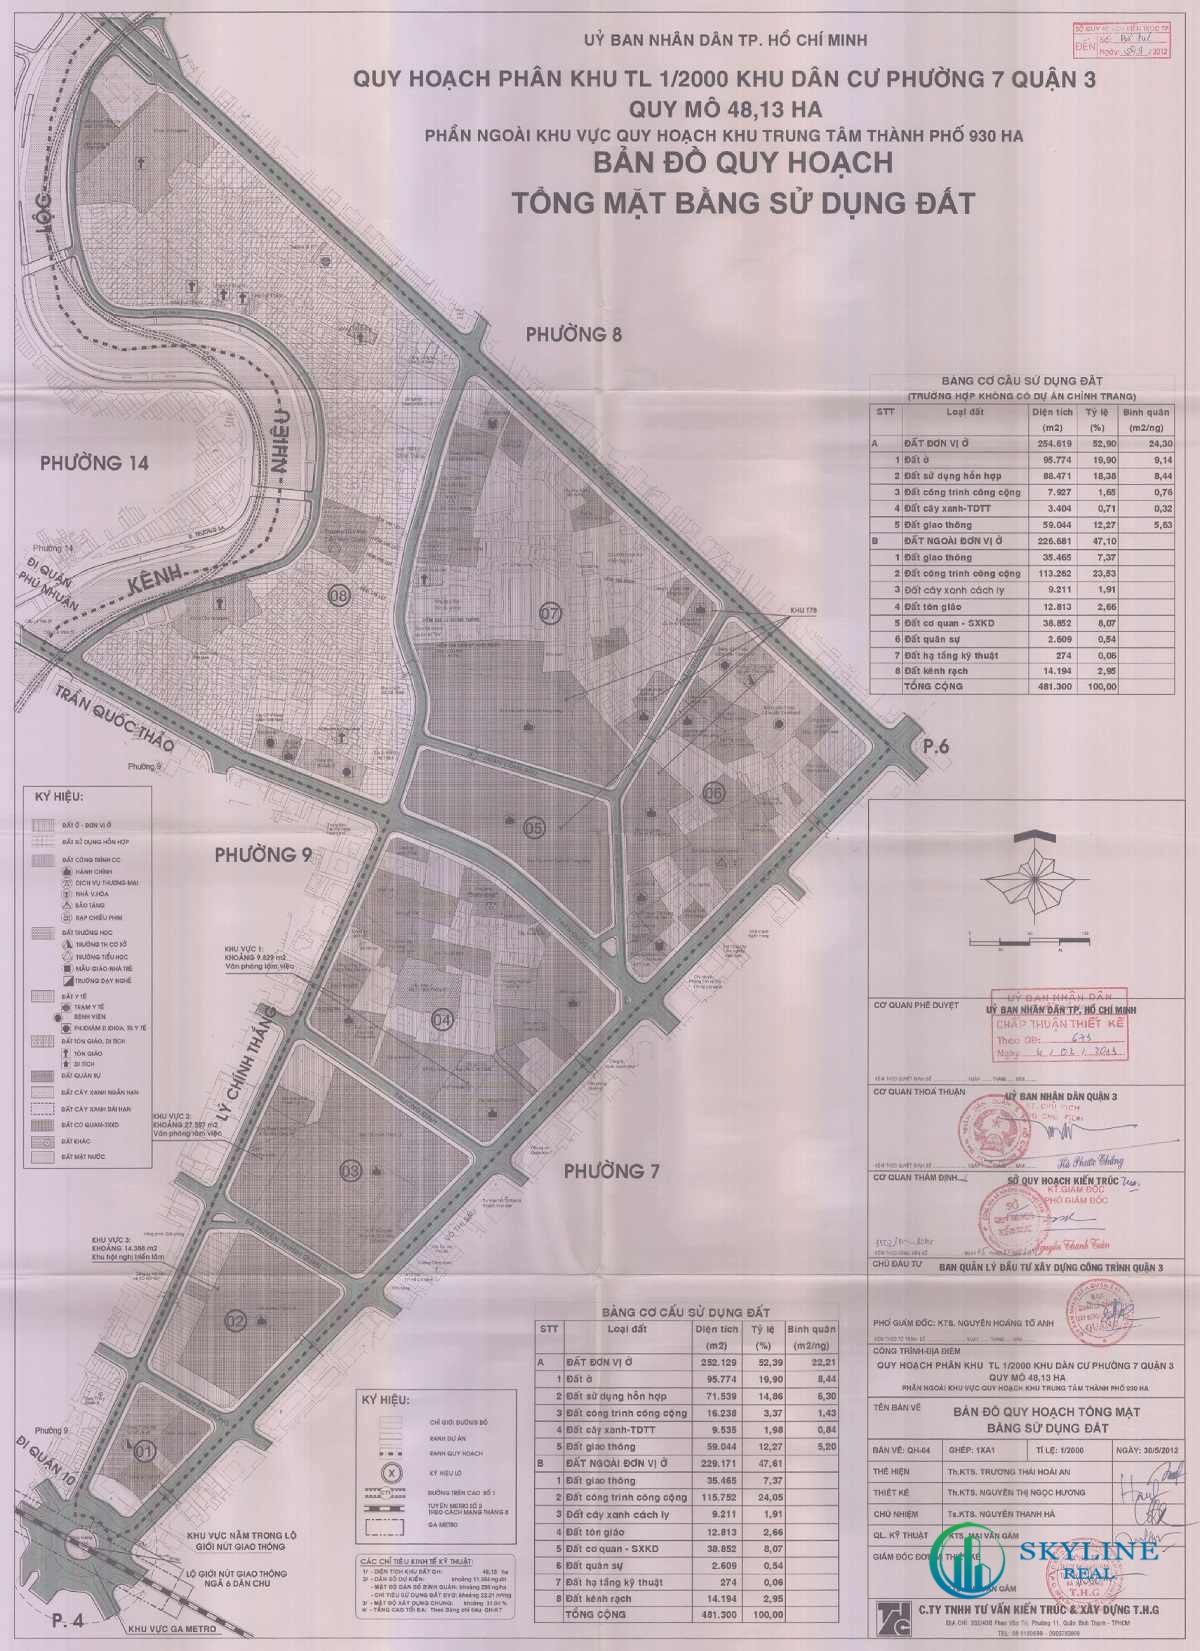 Bản đồ quy hoạch 1/2000 Khu dân cư Phường 7 (phần ngoài ranh 930ha), Quận 3